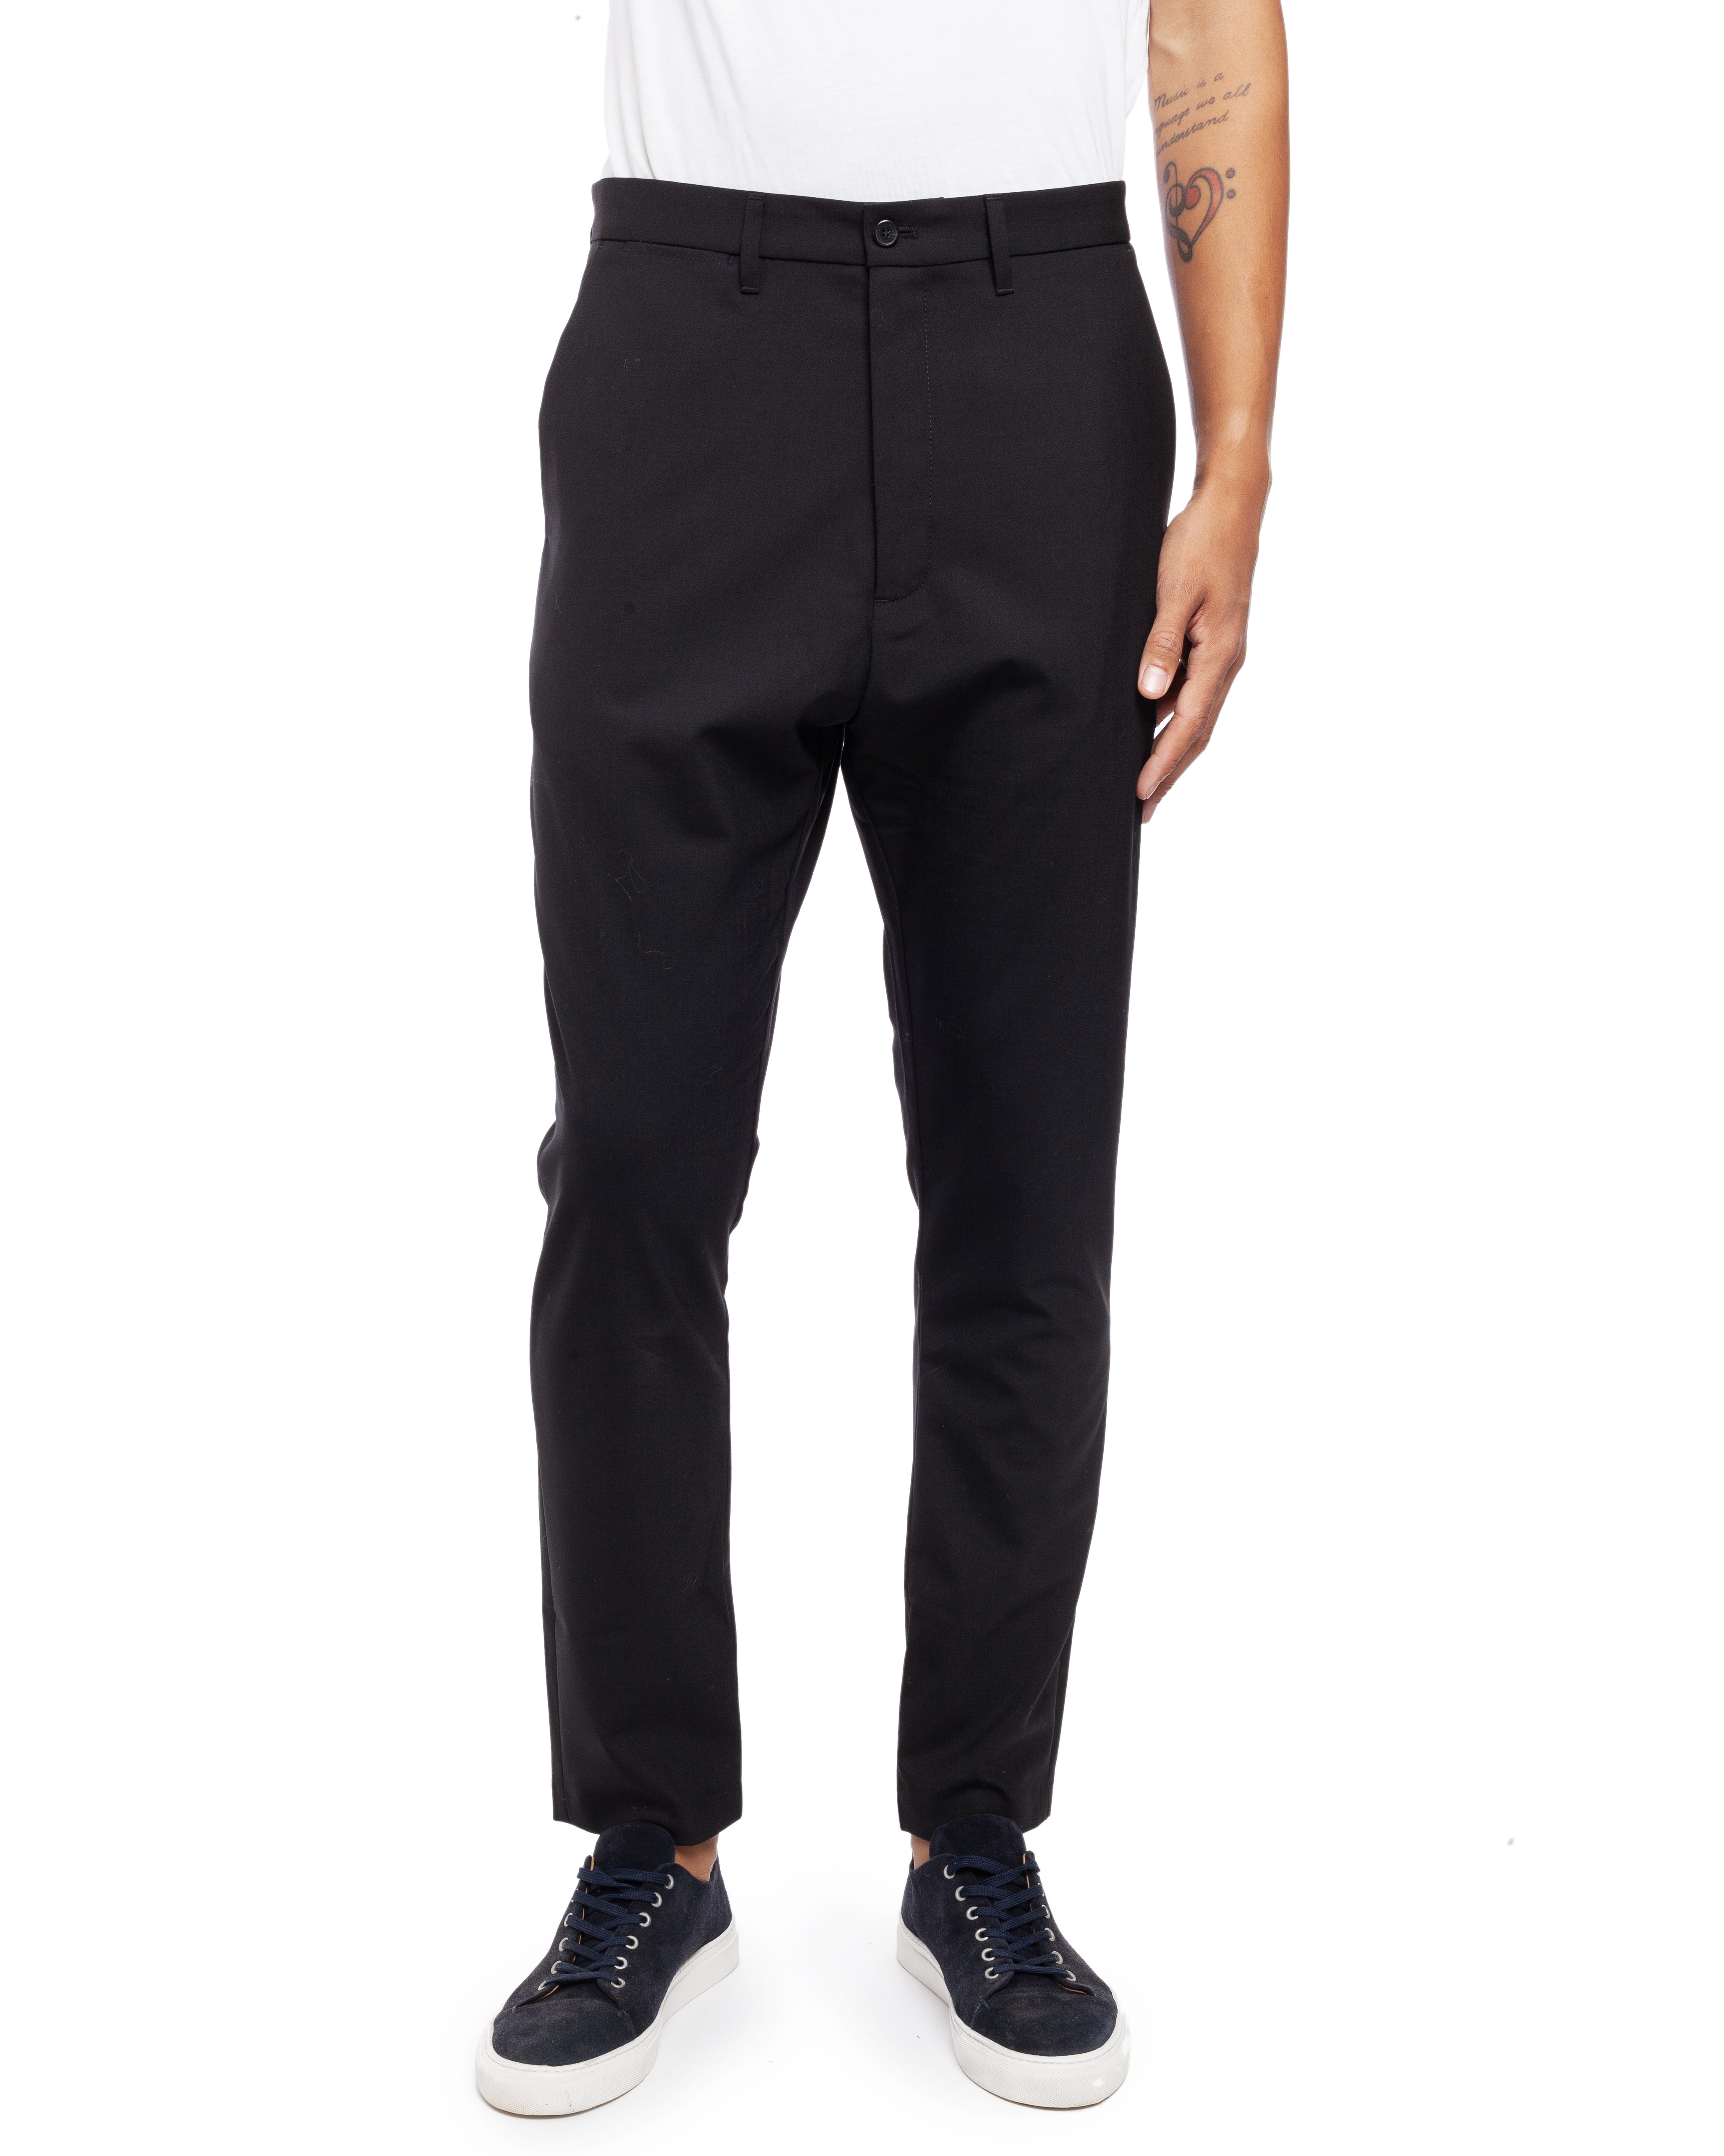 Kris Suit Trouser Black